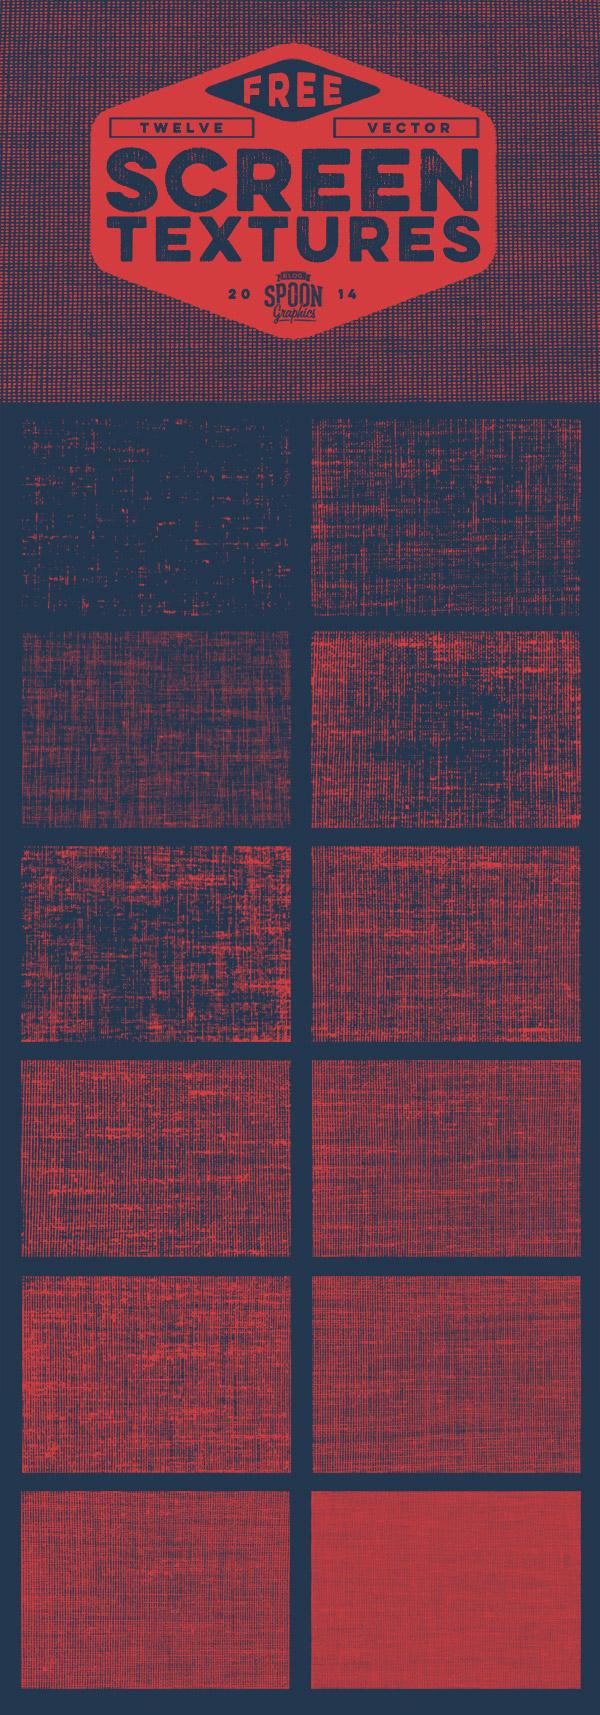 12 Free Vector Screen Textures